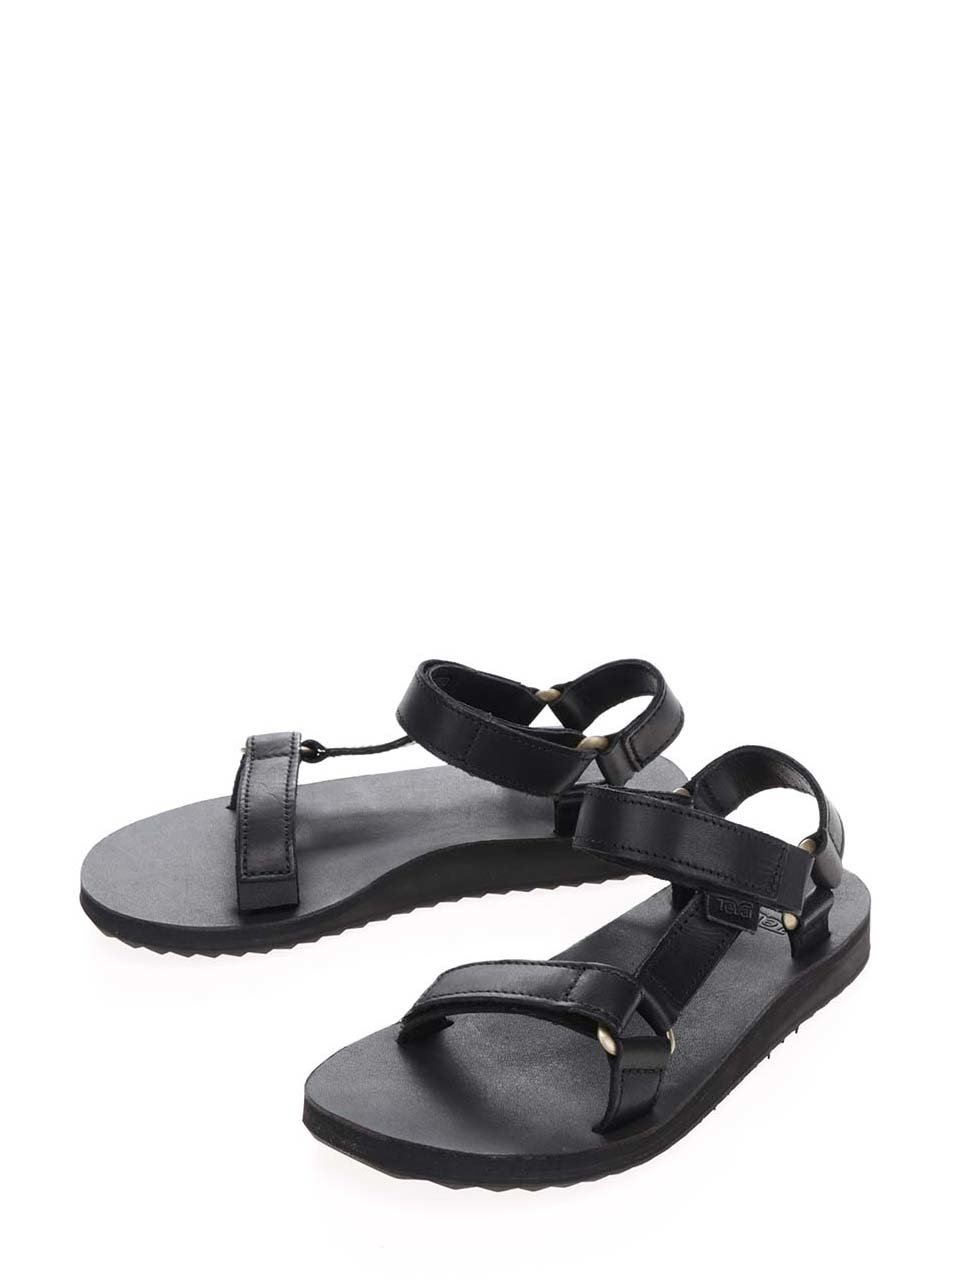 a8733780ca0c Čierne dámske kožené sandále Teva ...